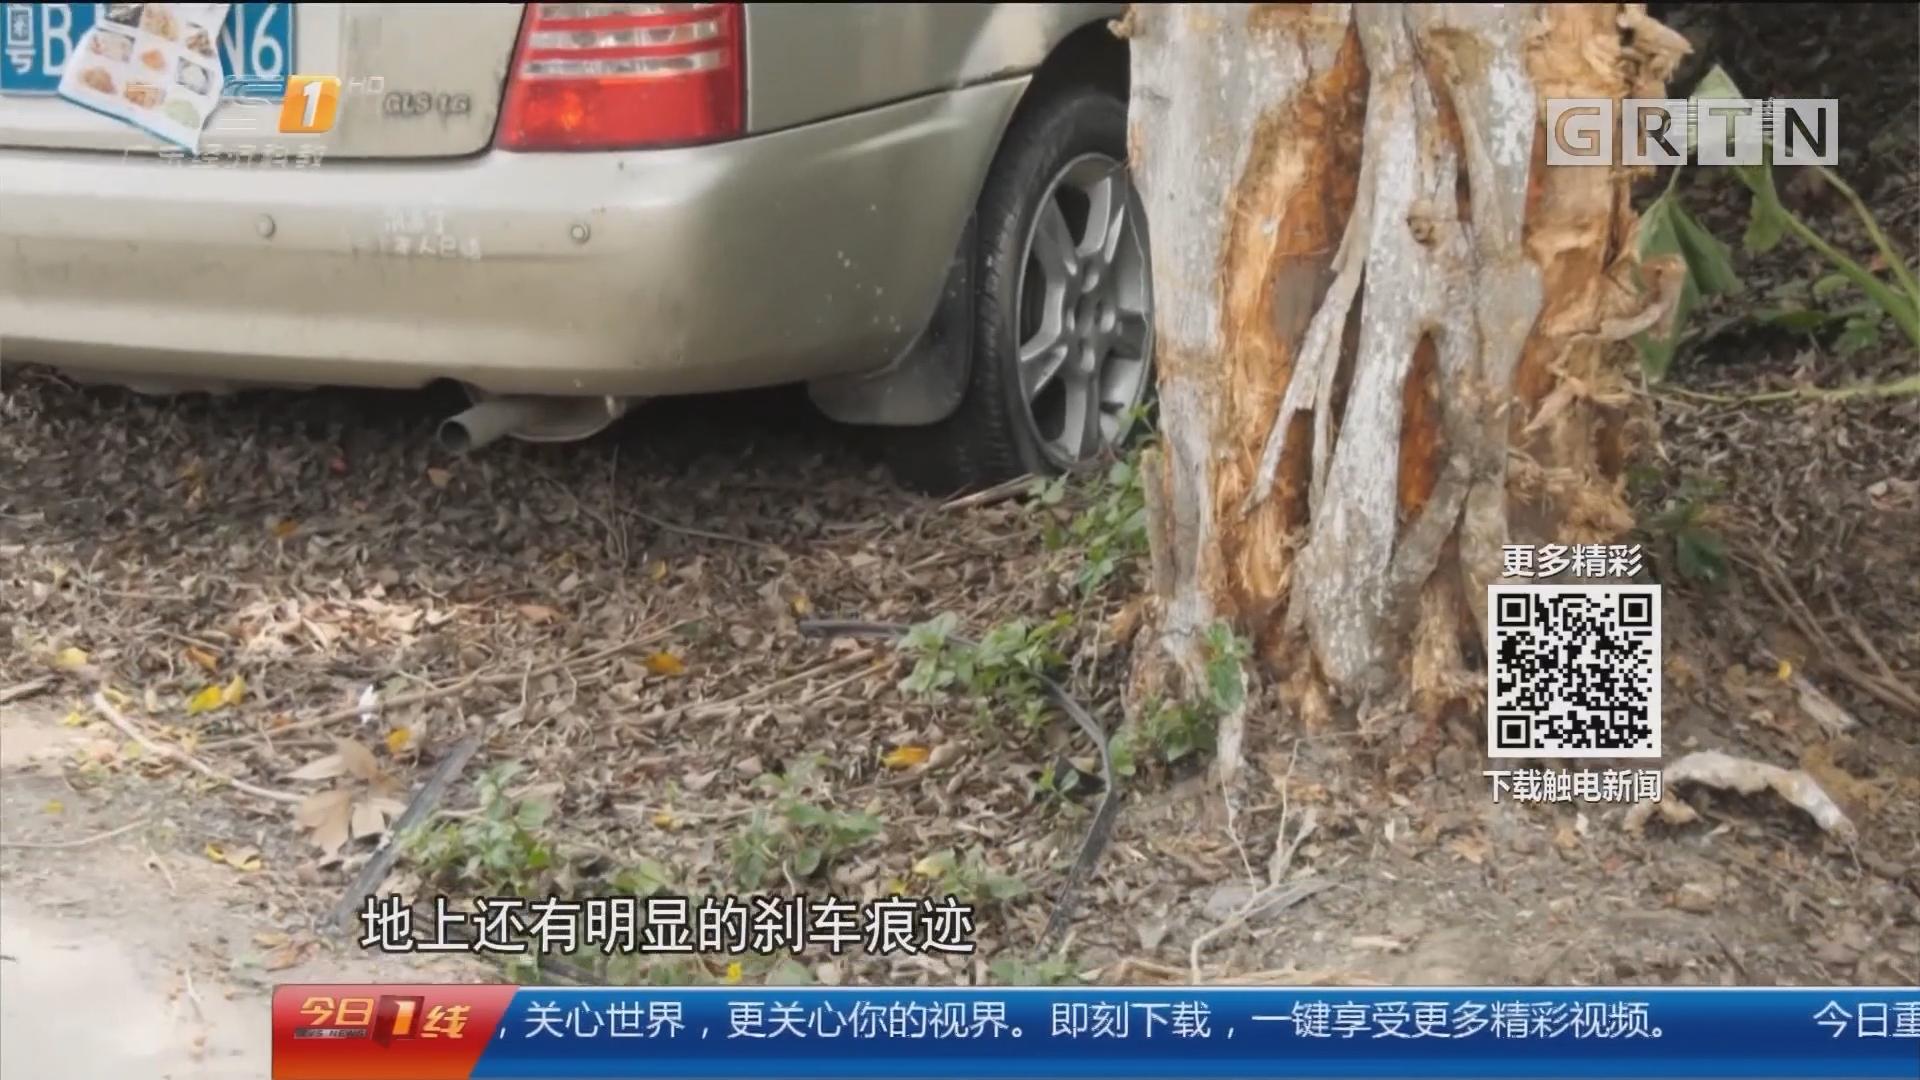 广州白云:小轿车撞树司机被困 消防深夜救援